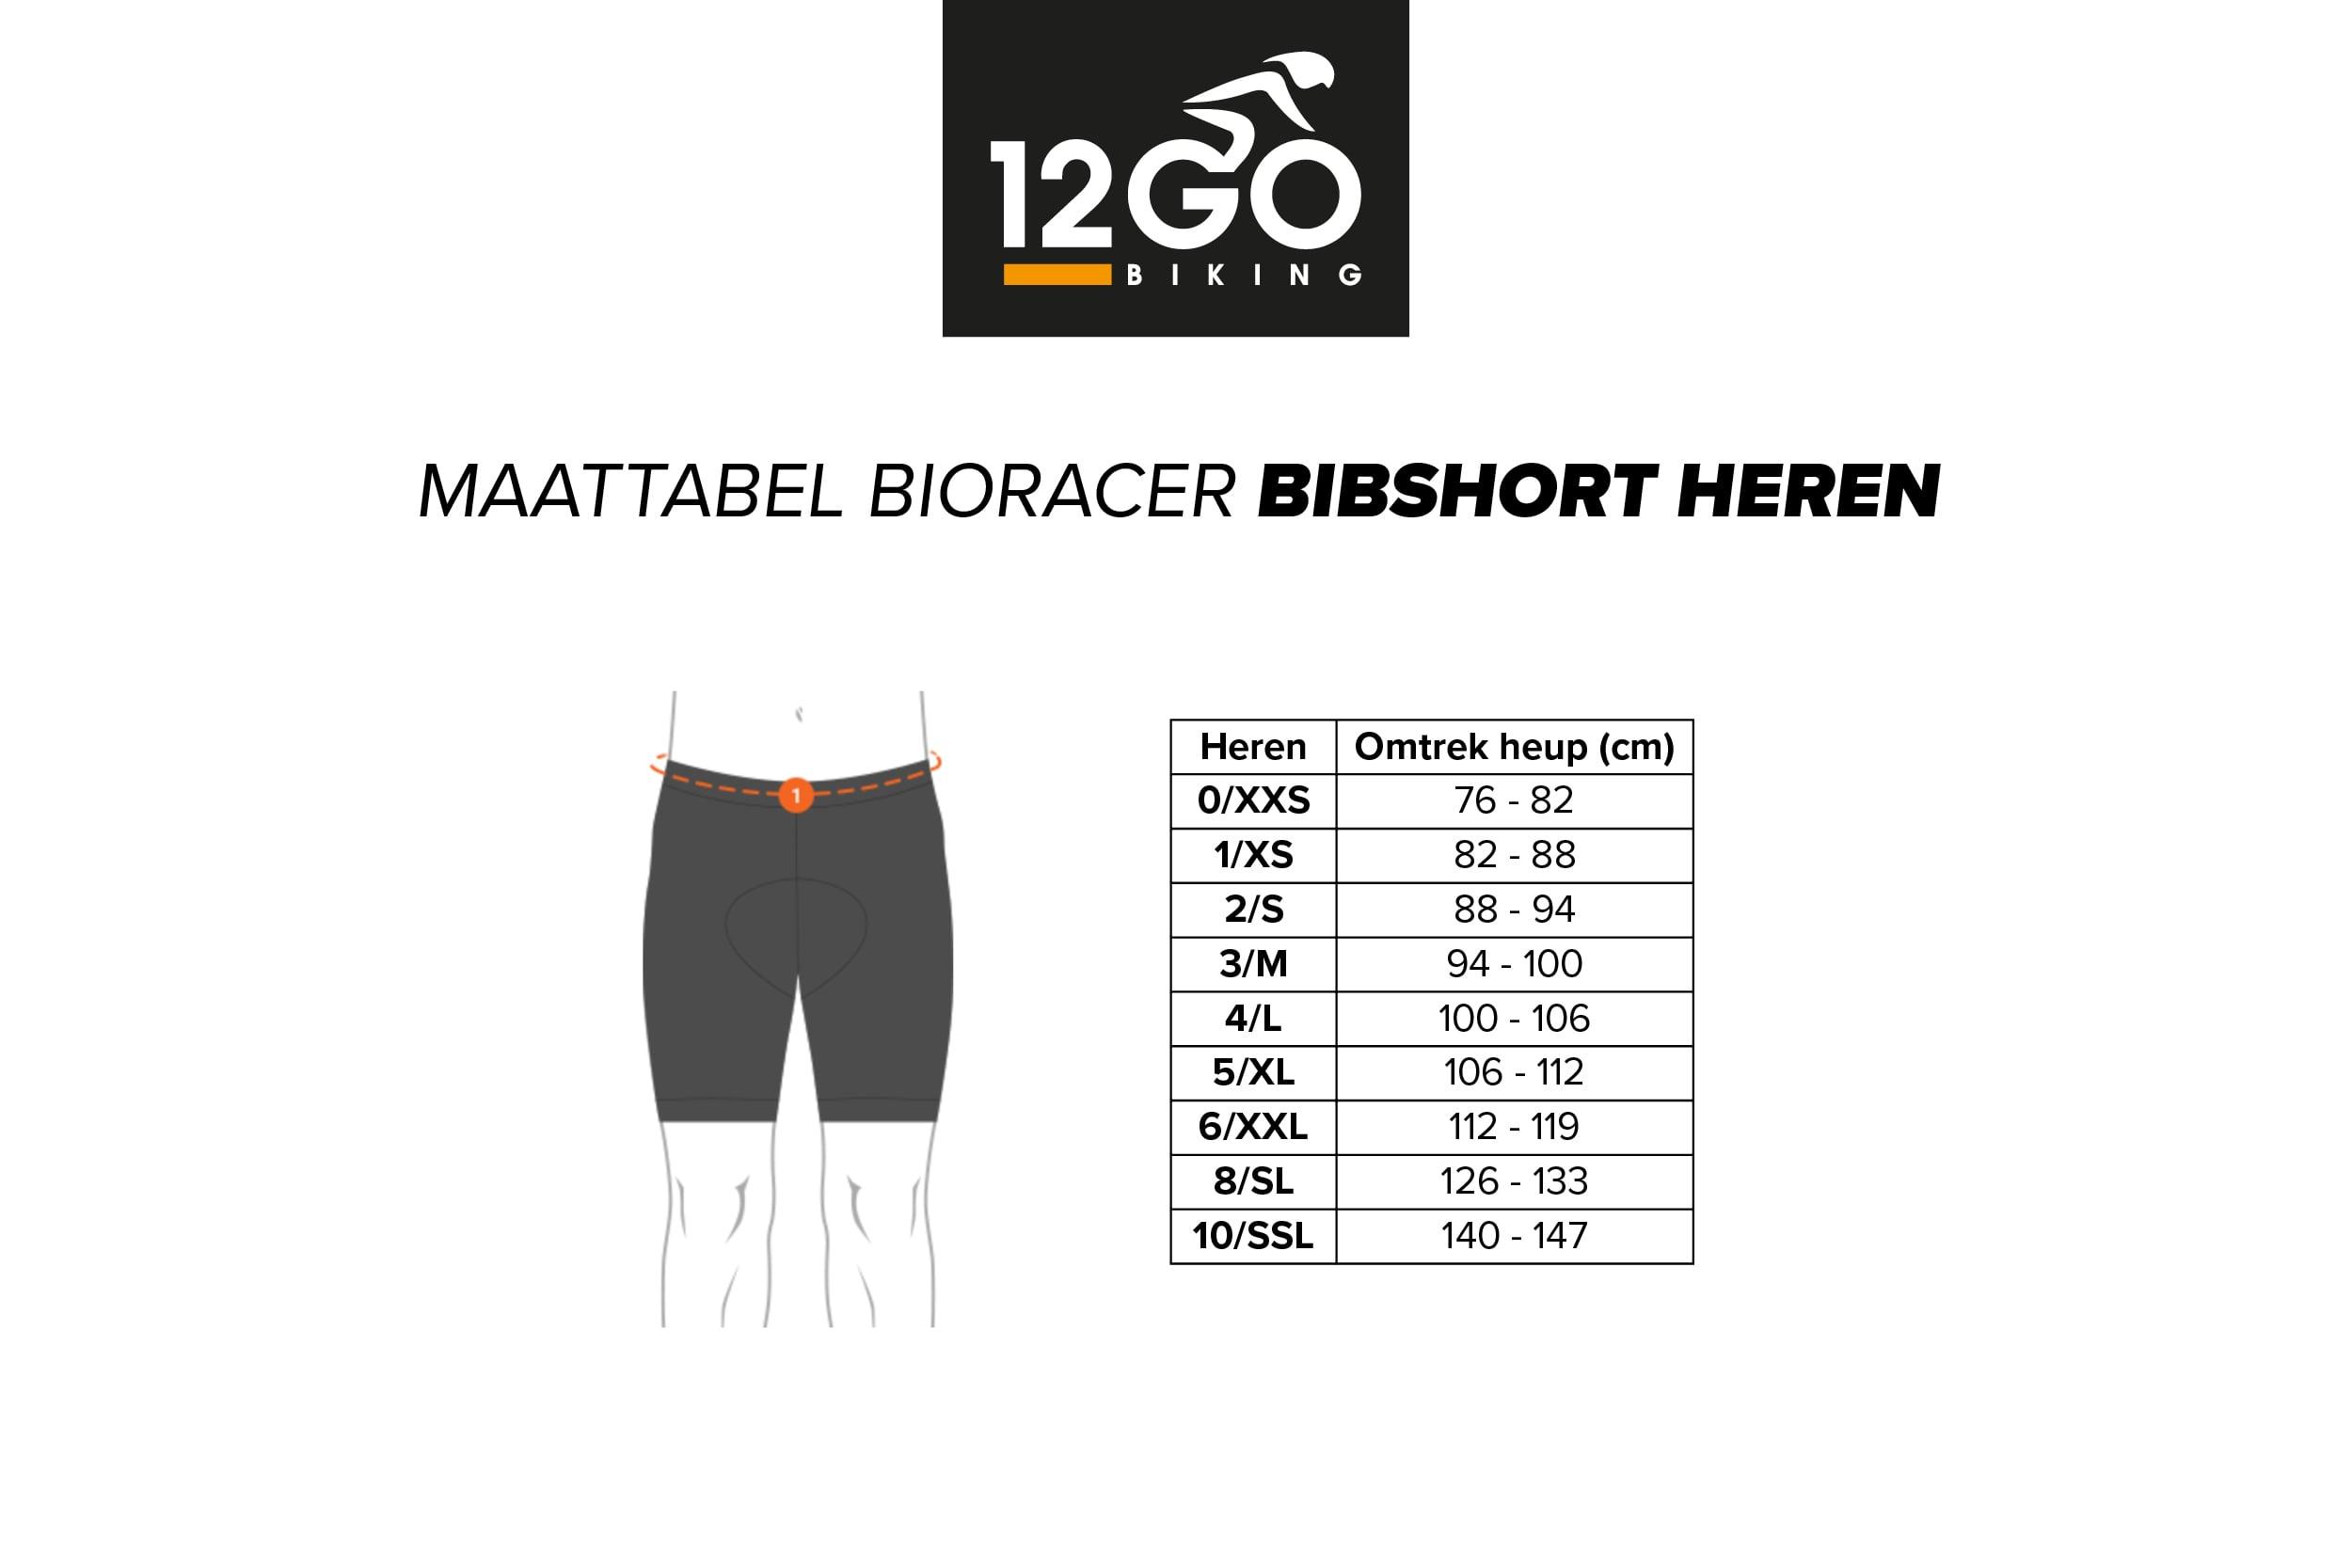 Bio short man